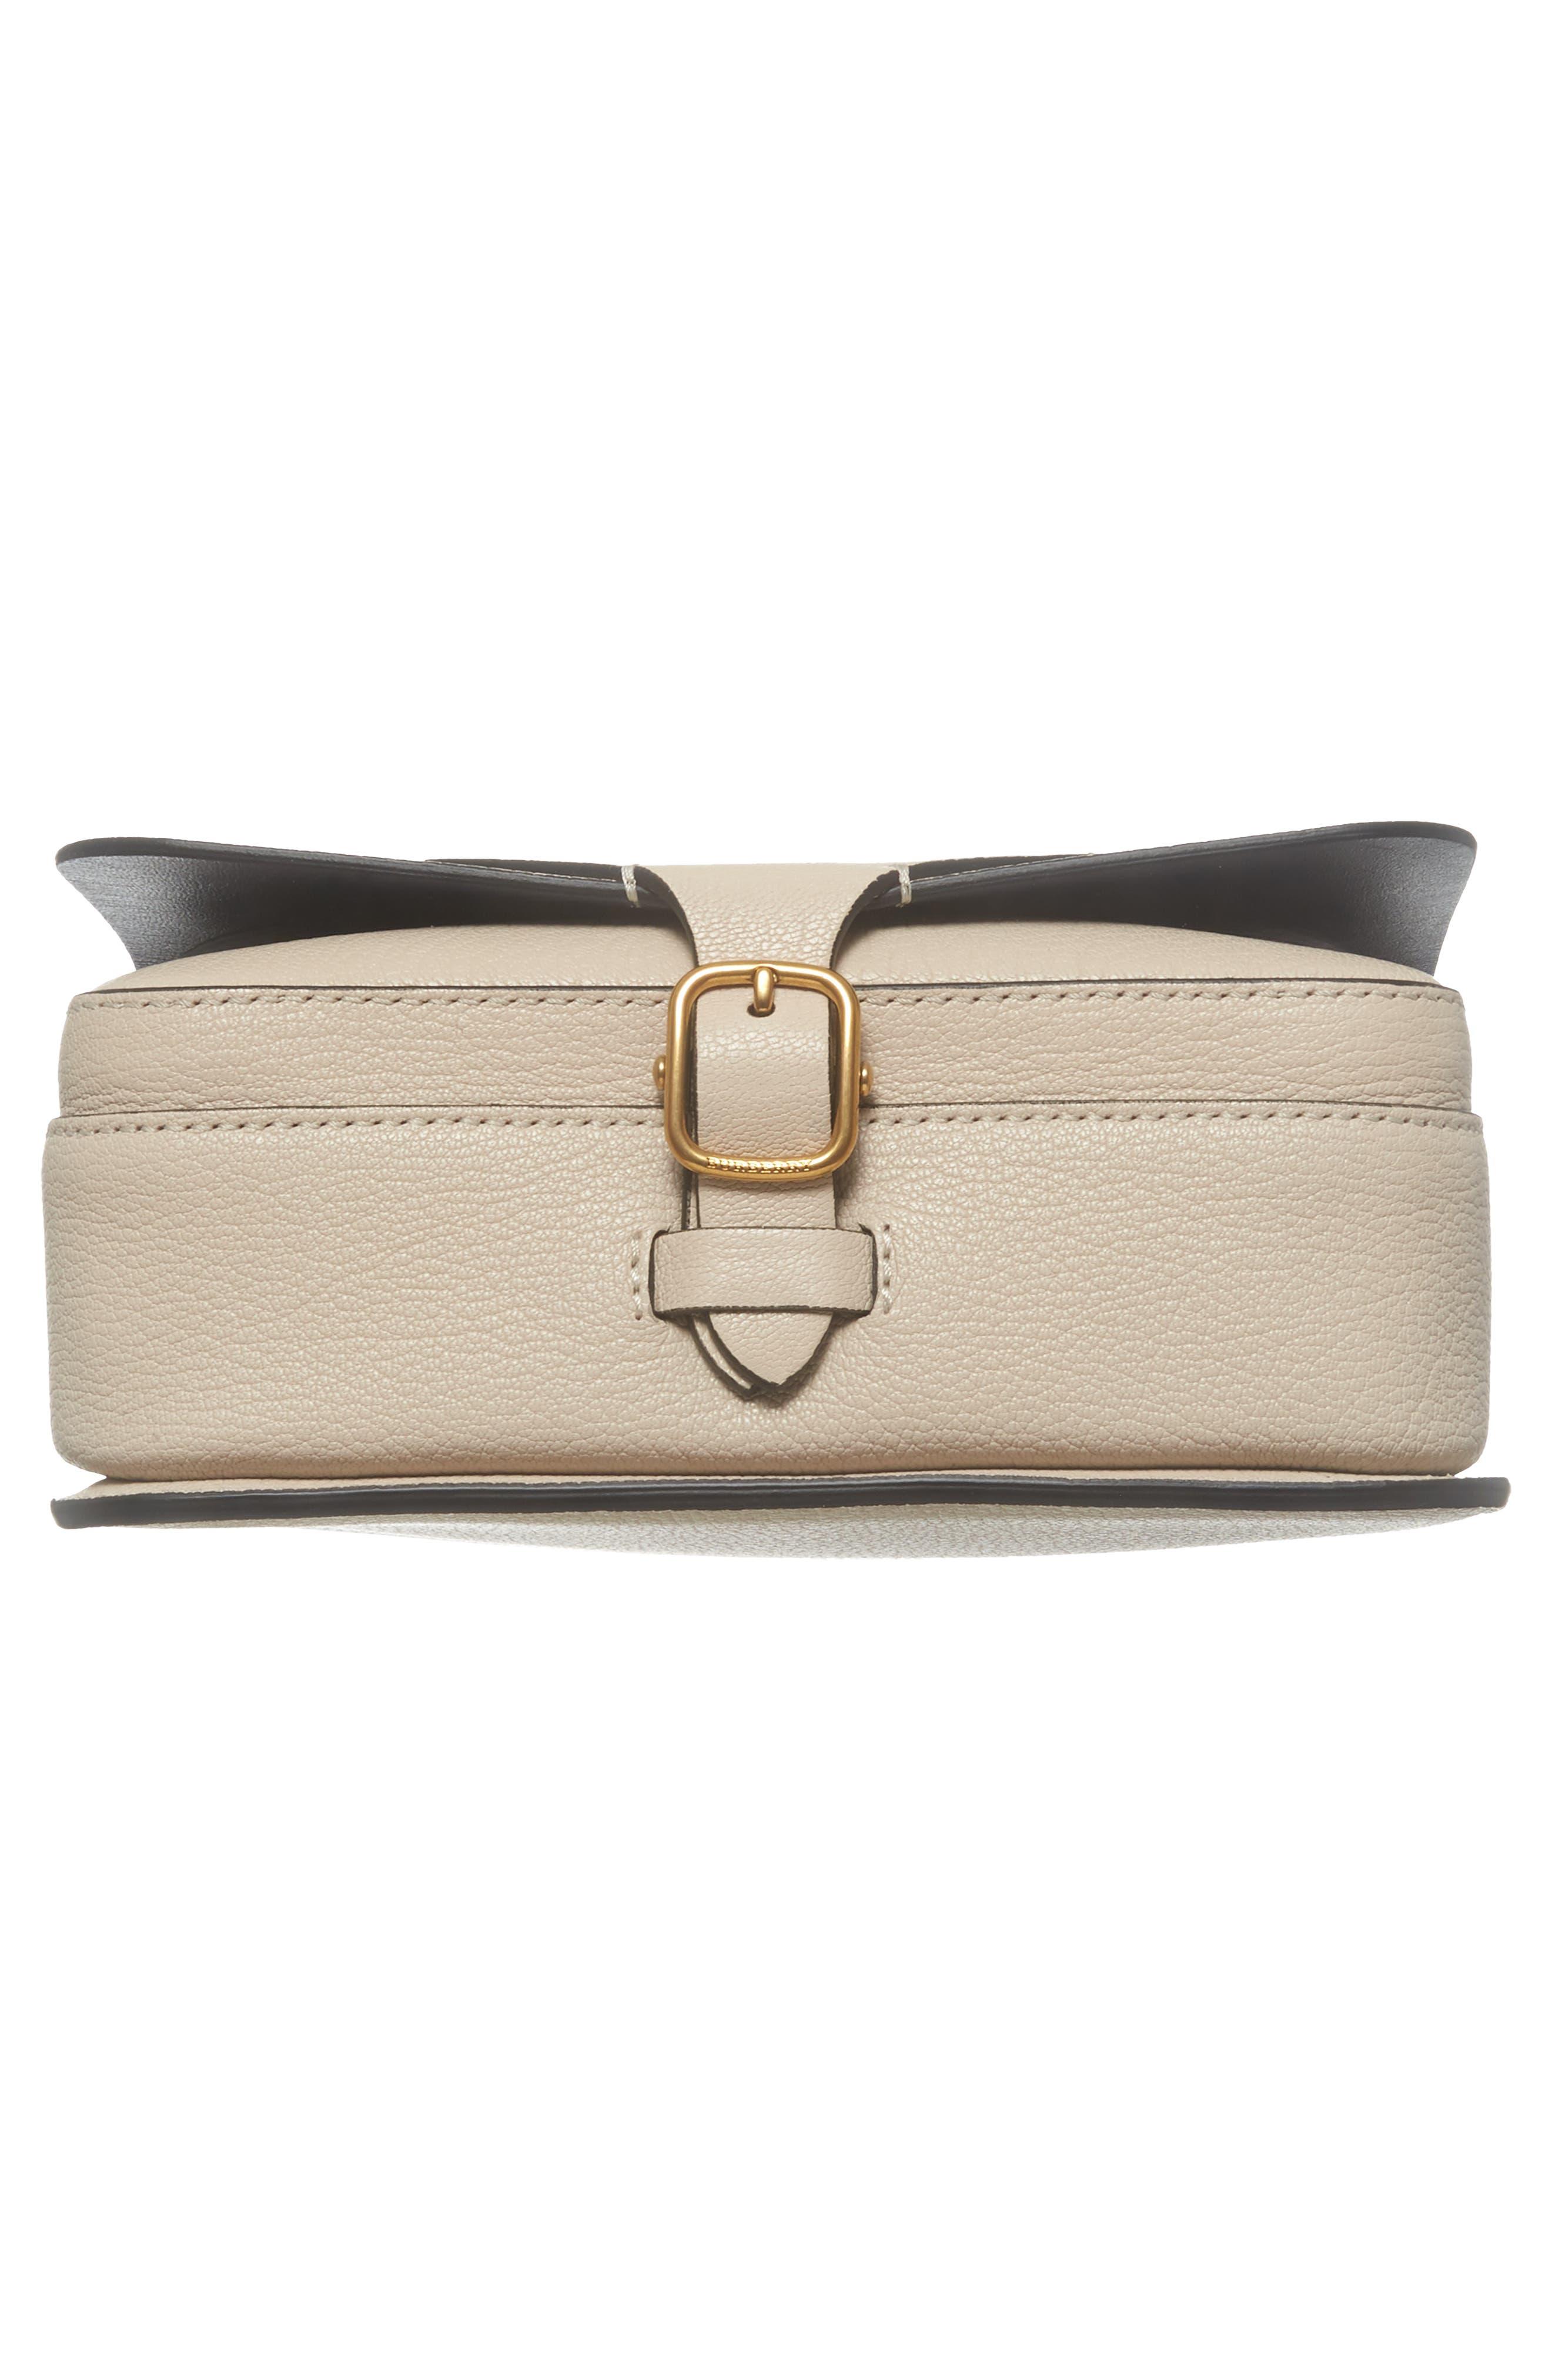 Square Leather Shoulder Bag,                             Alternate thumbnail 6, color,                             250